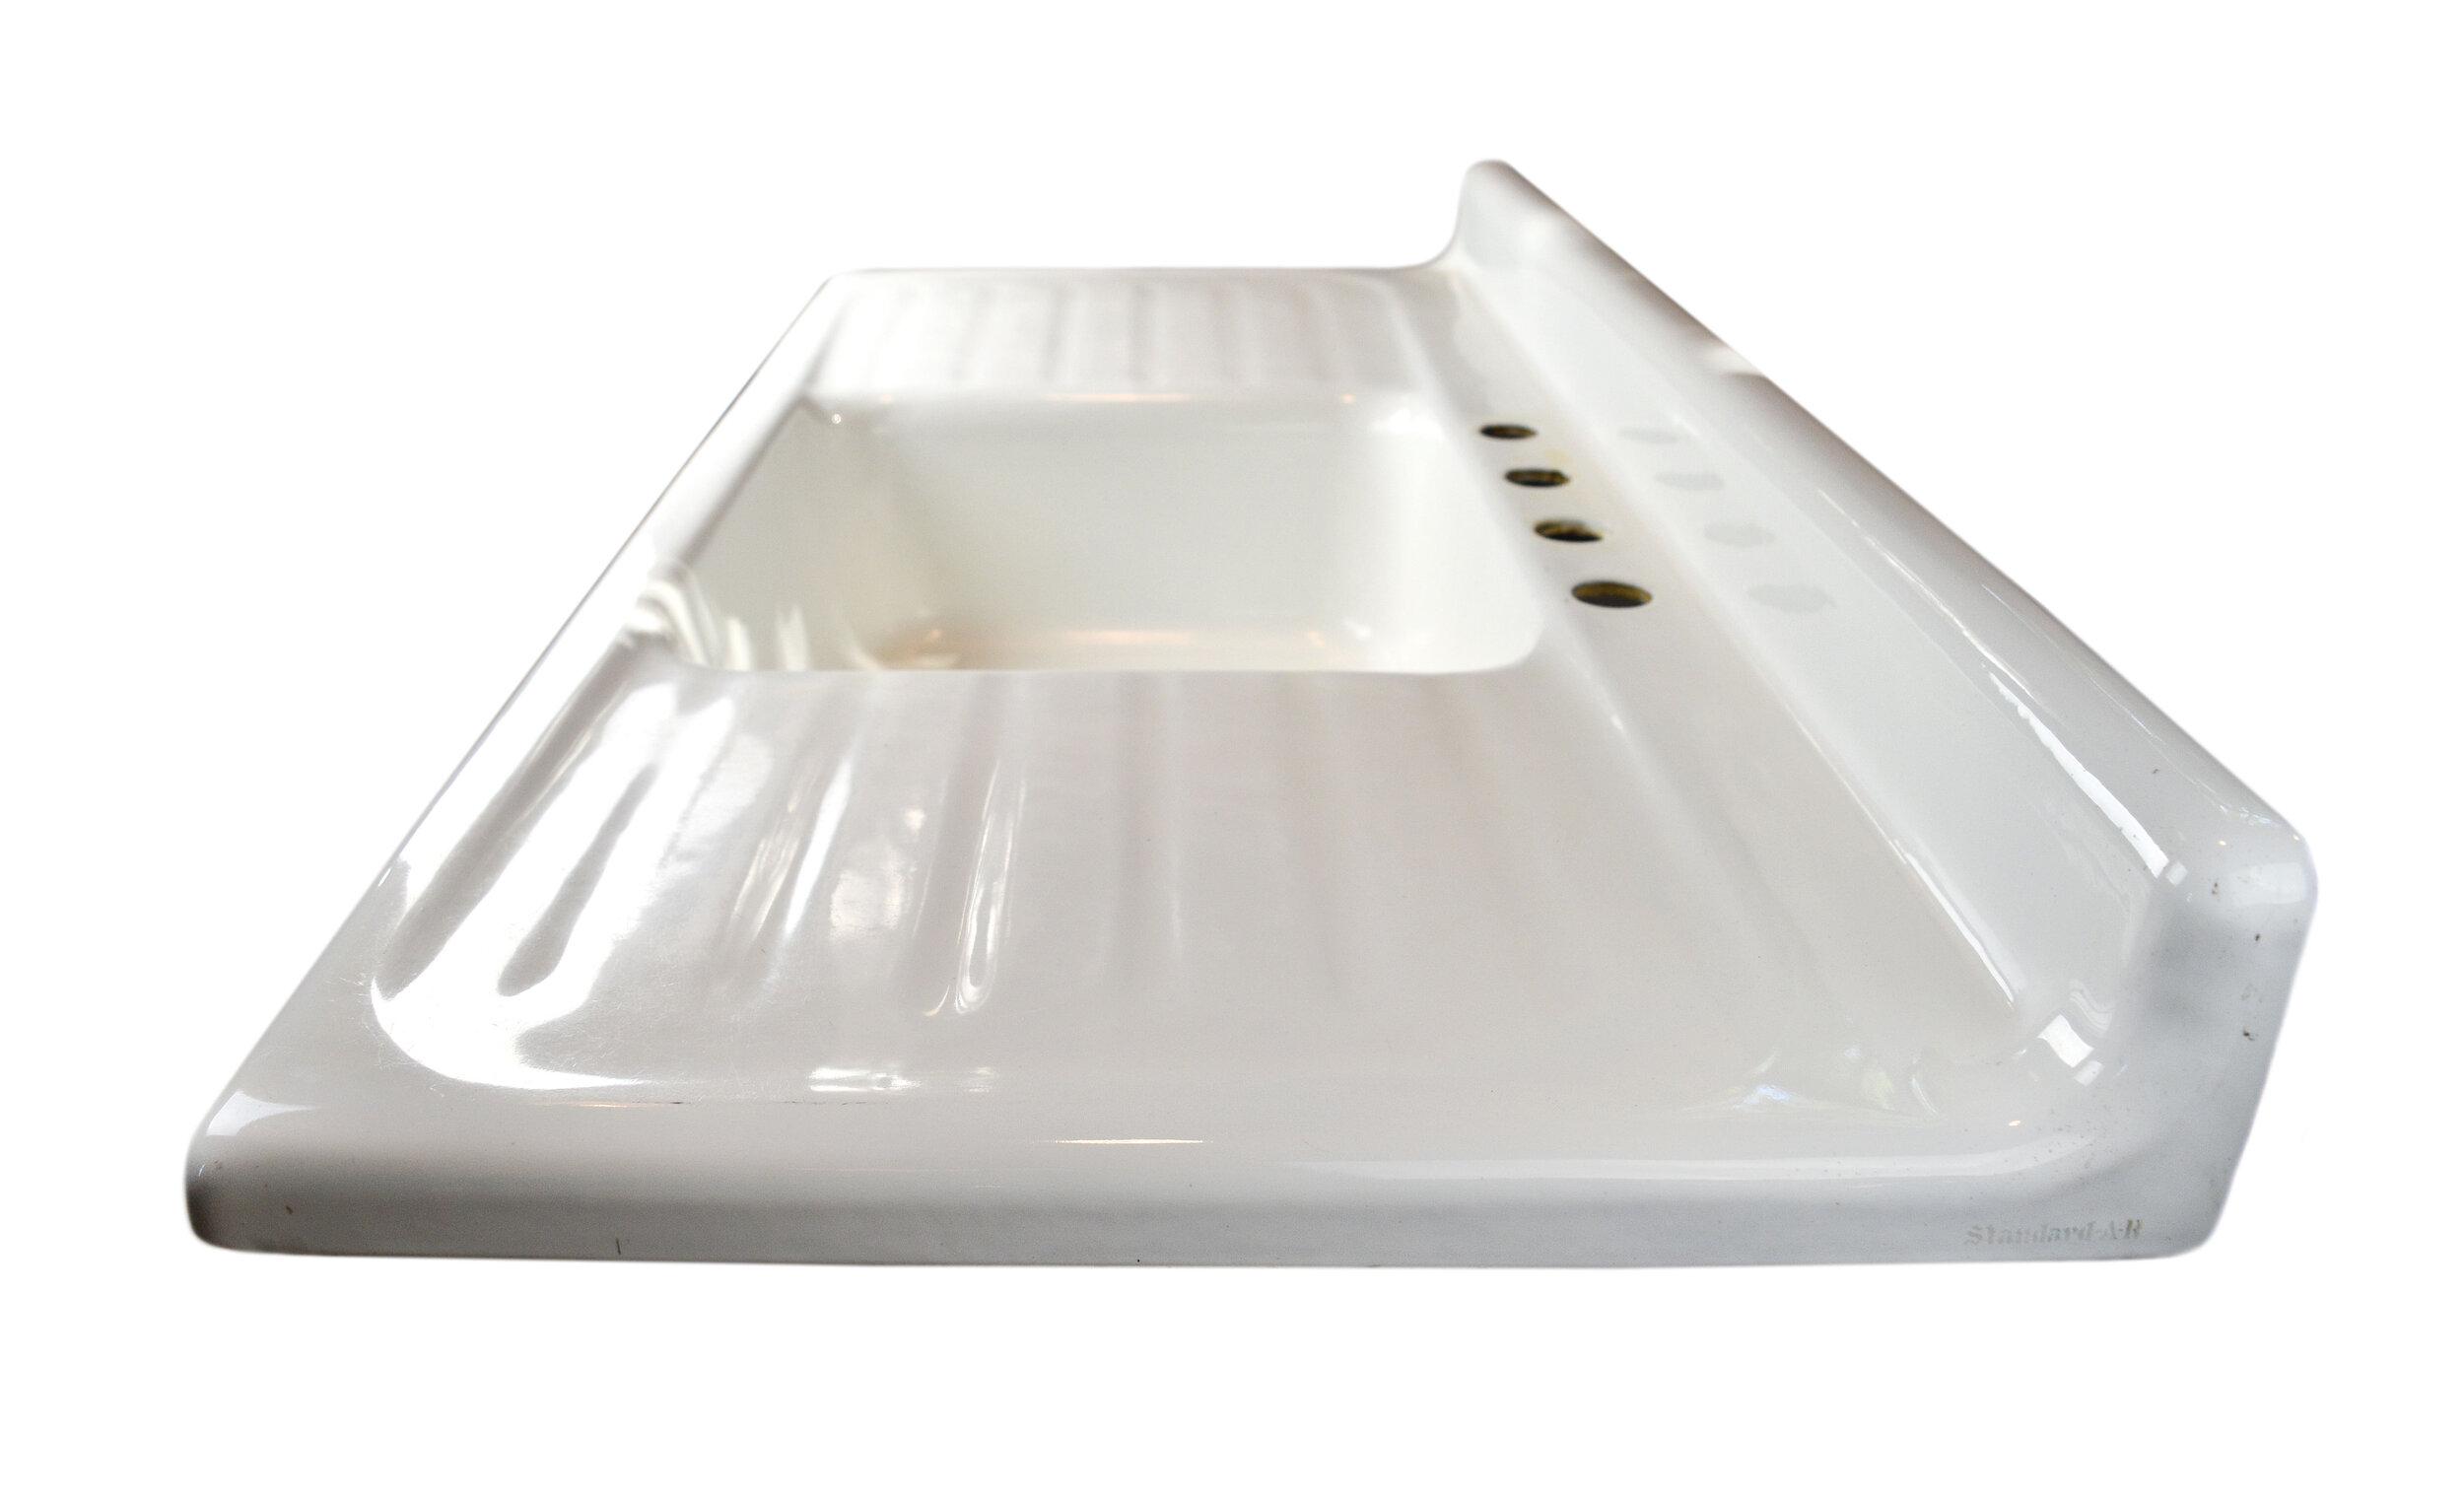 standard-double-sink-1.jpg